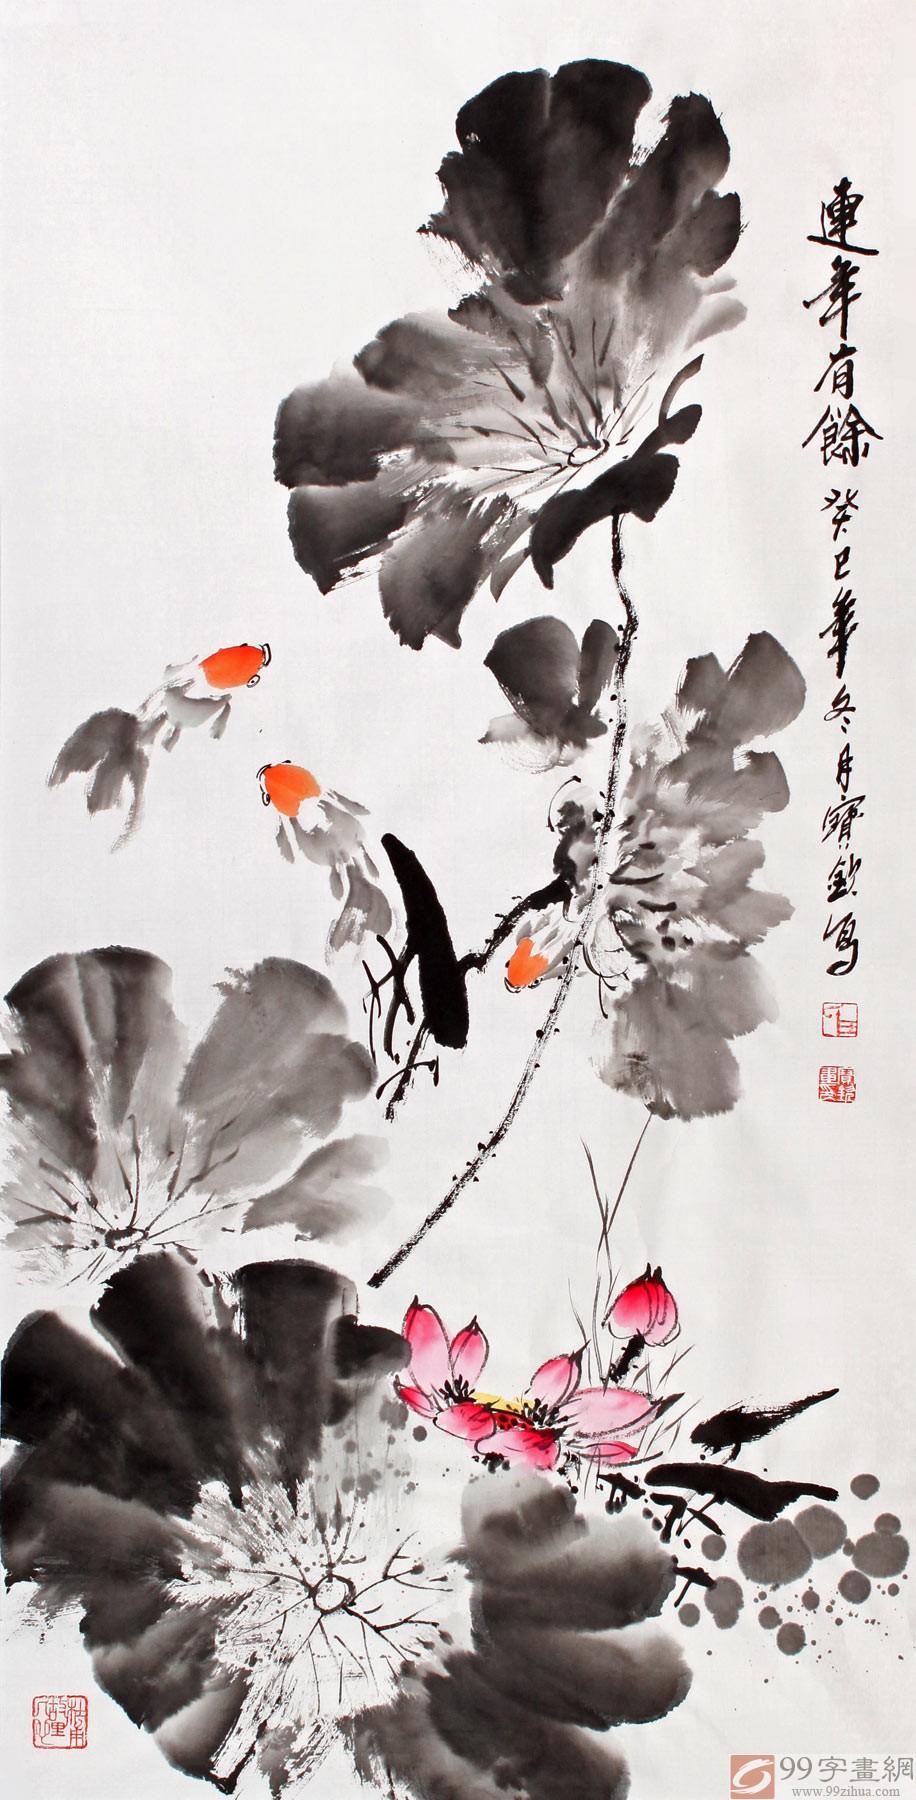 王宝钦/【作品简评】荷花,是中国画创作中比较常见的题材,也是画家...